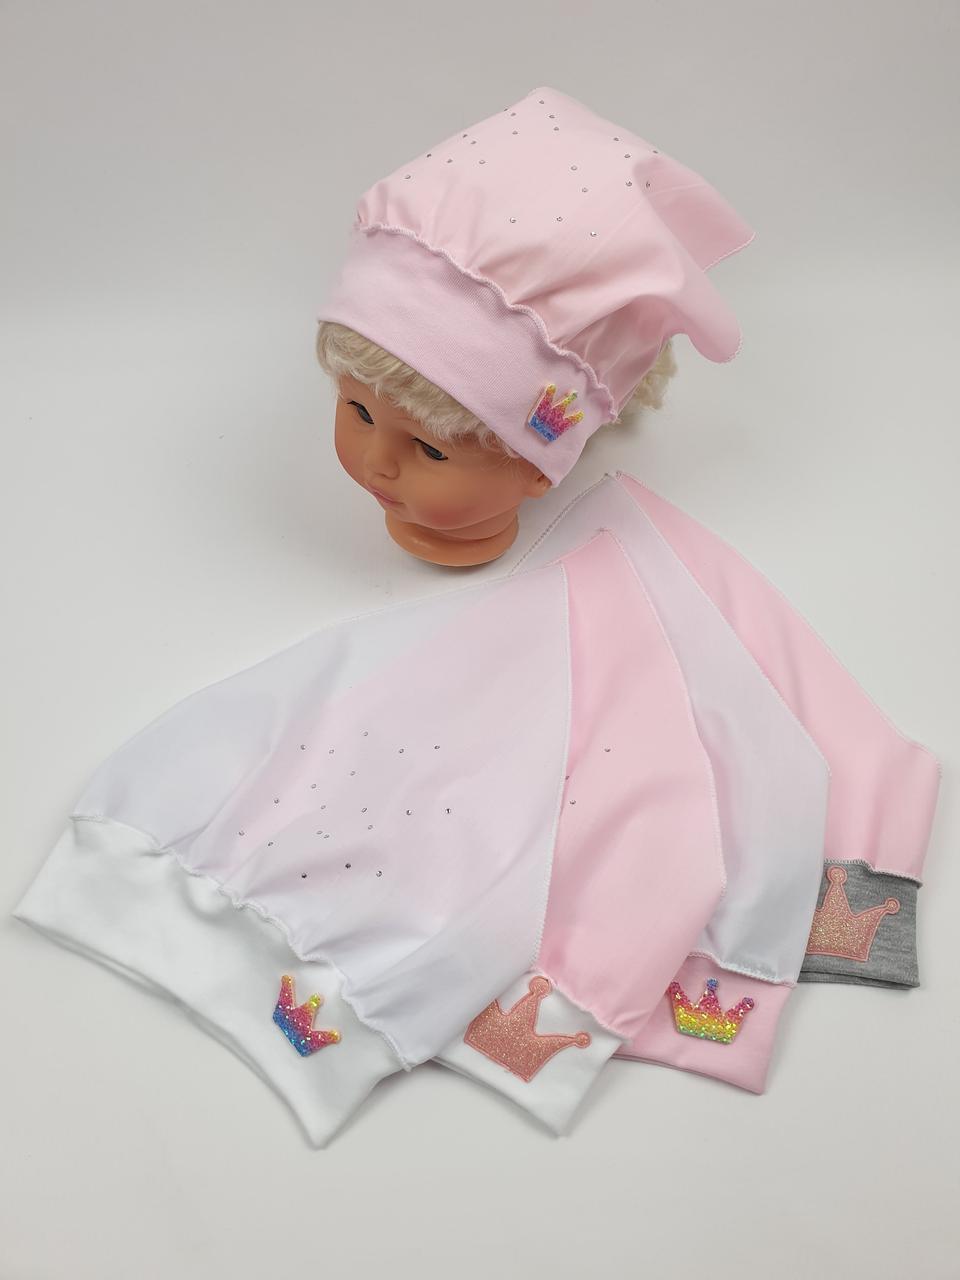 Детские банданы косынки для девочек, р.42-44, Польша (Ala Baby)